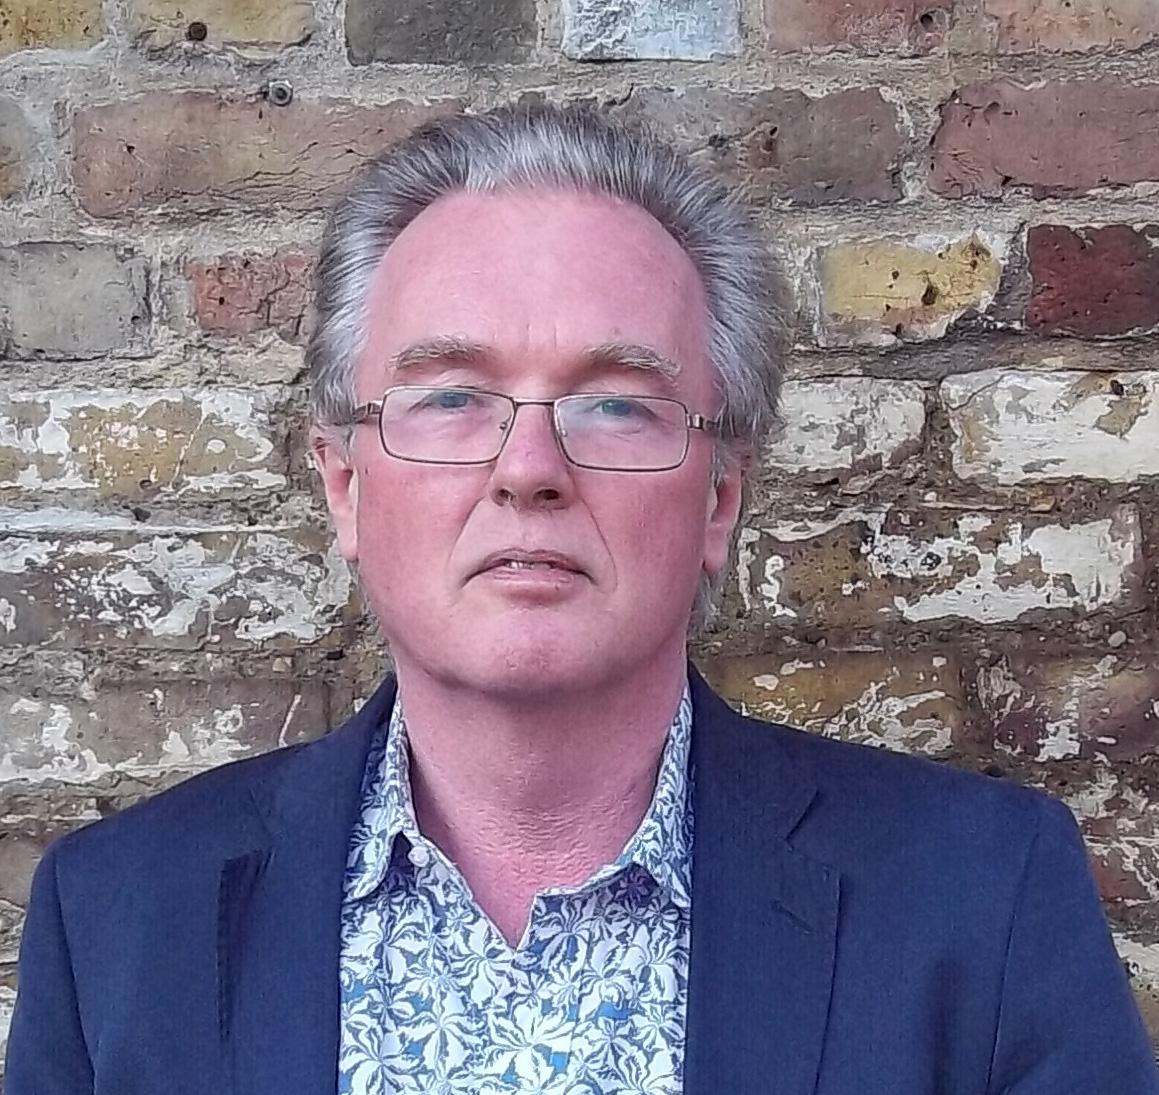 Cllr Robert Atkinson, Labour